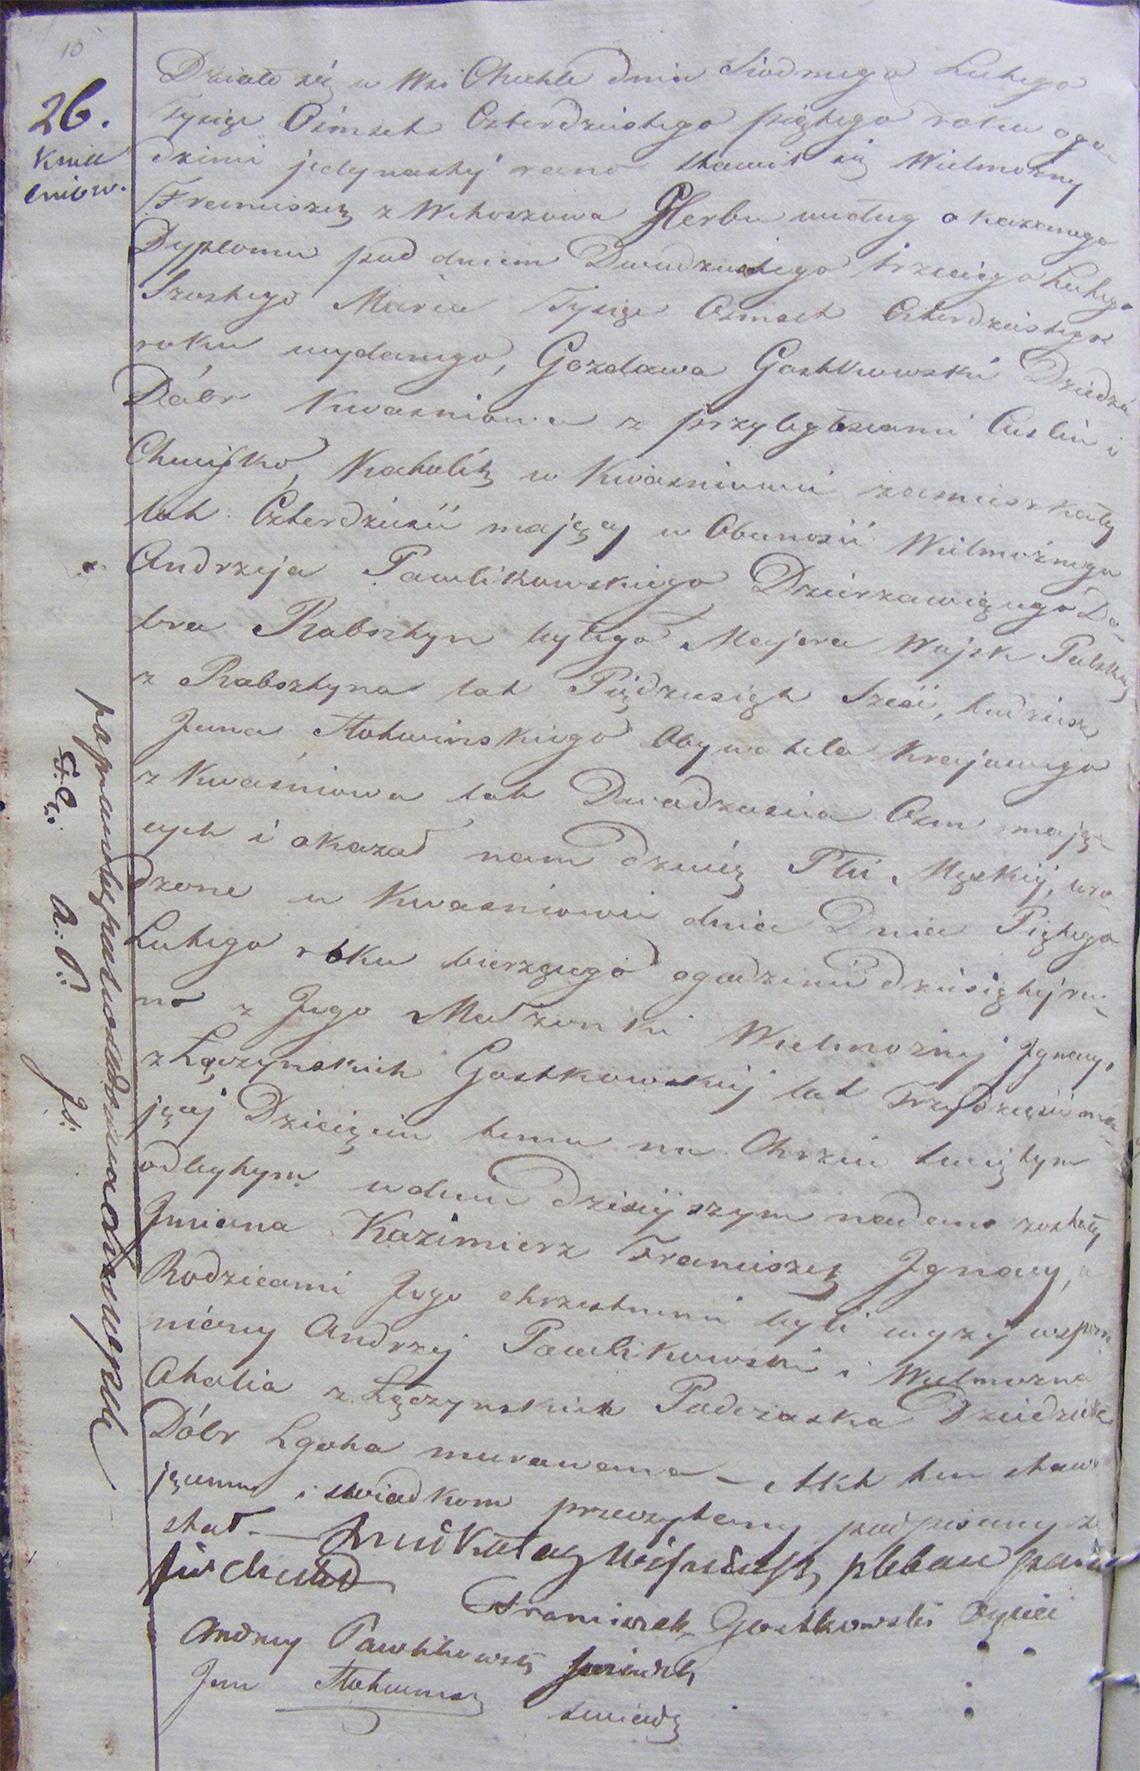 Akt urodzenia Kazimierza Franciszeka Ignacego Gostkowskiego 05.02.1845 r.